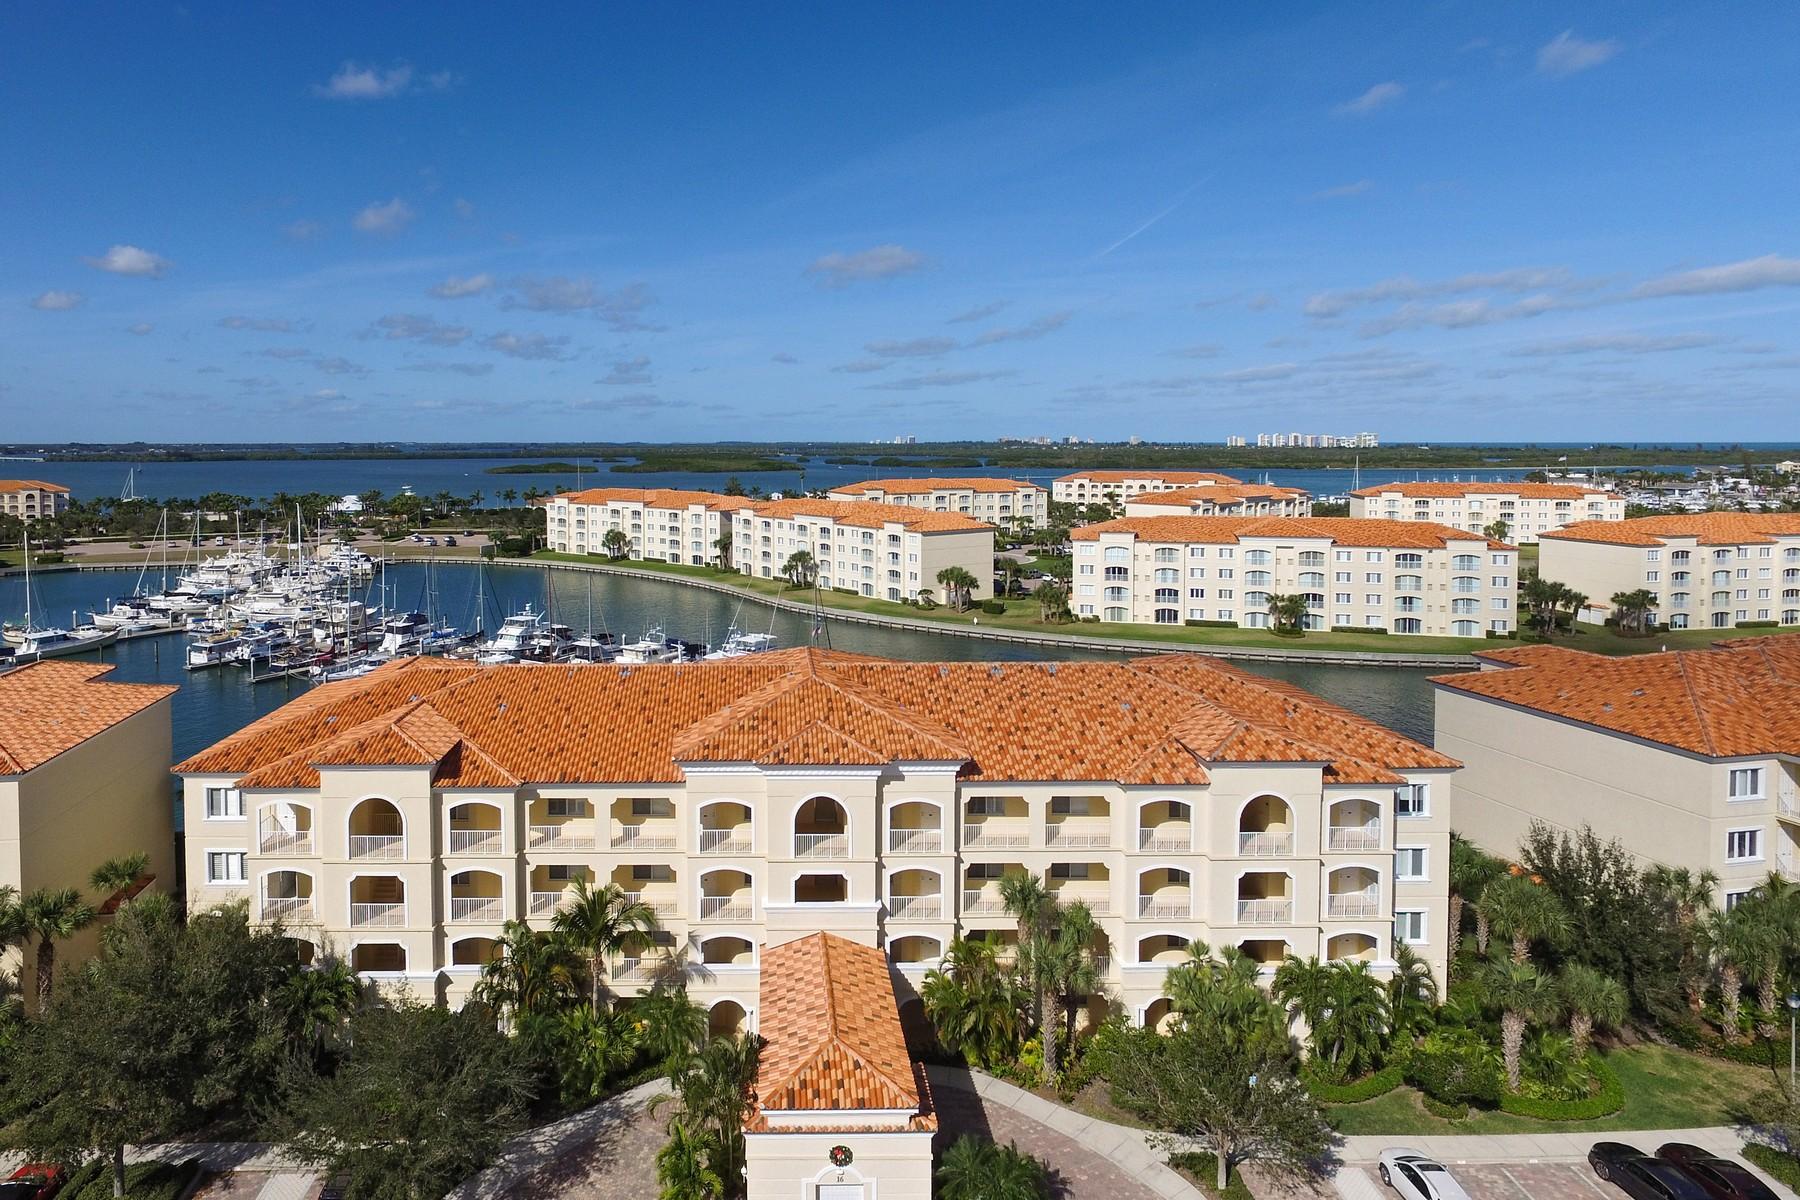 Condominio por un Venta en Harbor Isle Condominium 16 Harbour Isle West #203 Fort Pierce, Florida, 34949 Estados Unidos